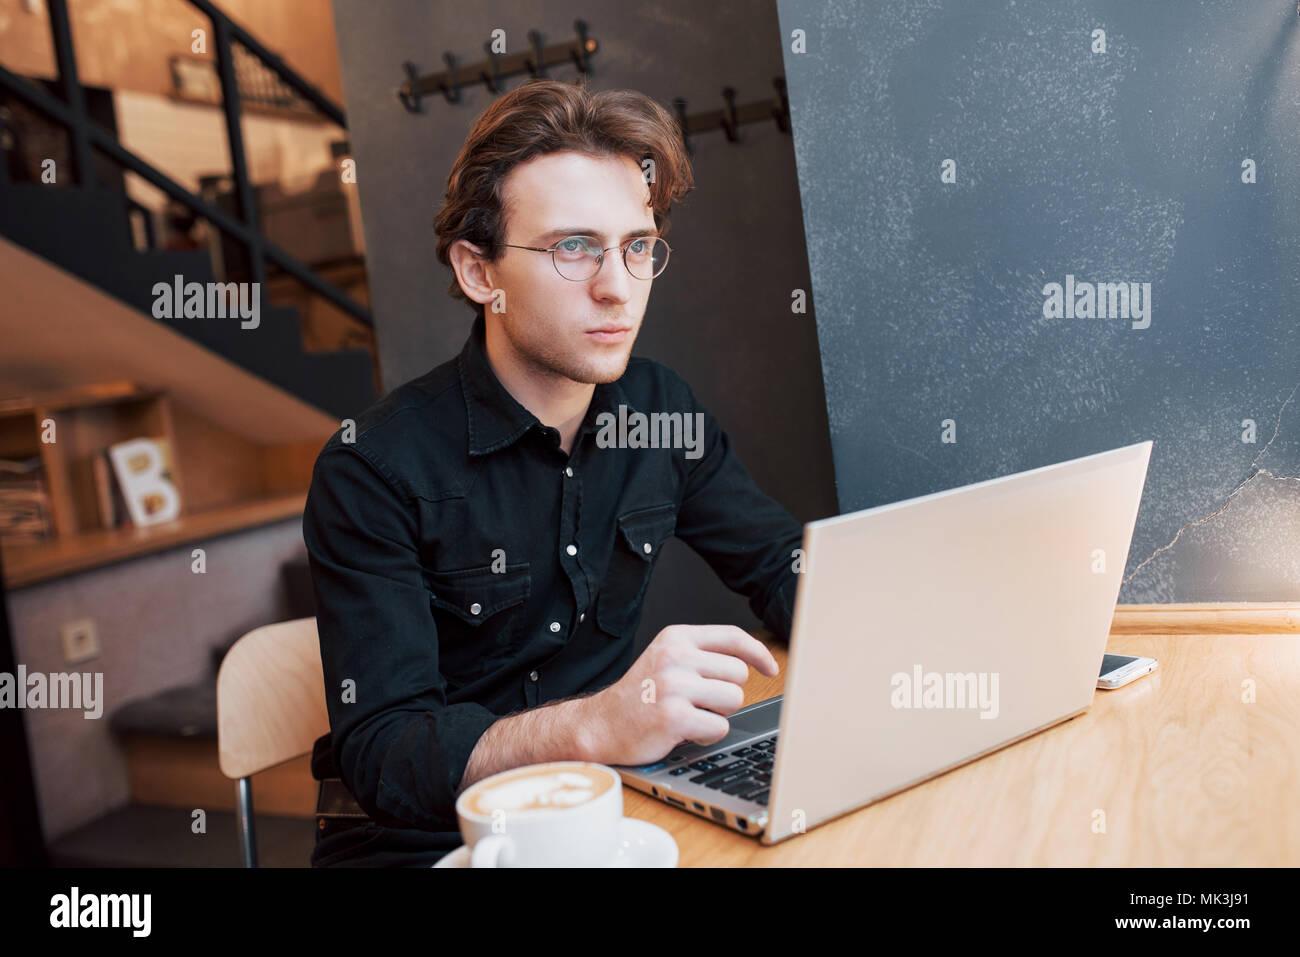 Hombre creativo diseñador que trabaja en su computadora portátil mientras esperan órdenes en su café favorito en interiores, estudiante varón trabajando en net-book durante el desayuno por la mañana en la moderna cafetería interior Imagen De Stock